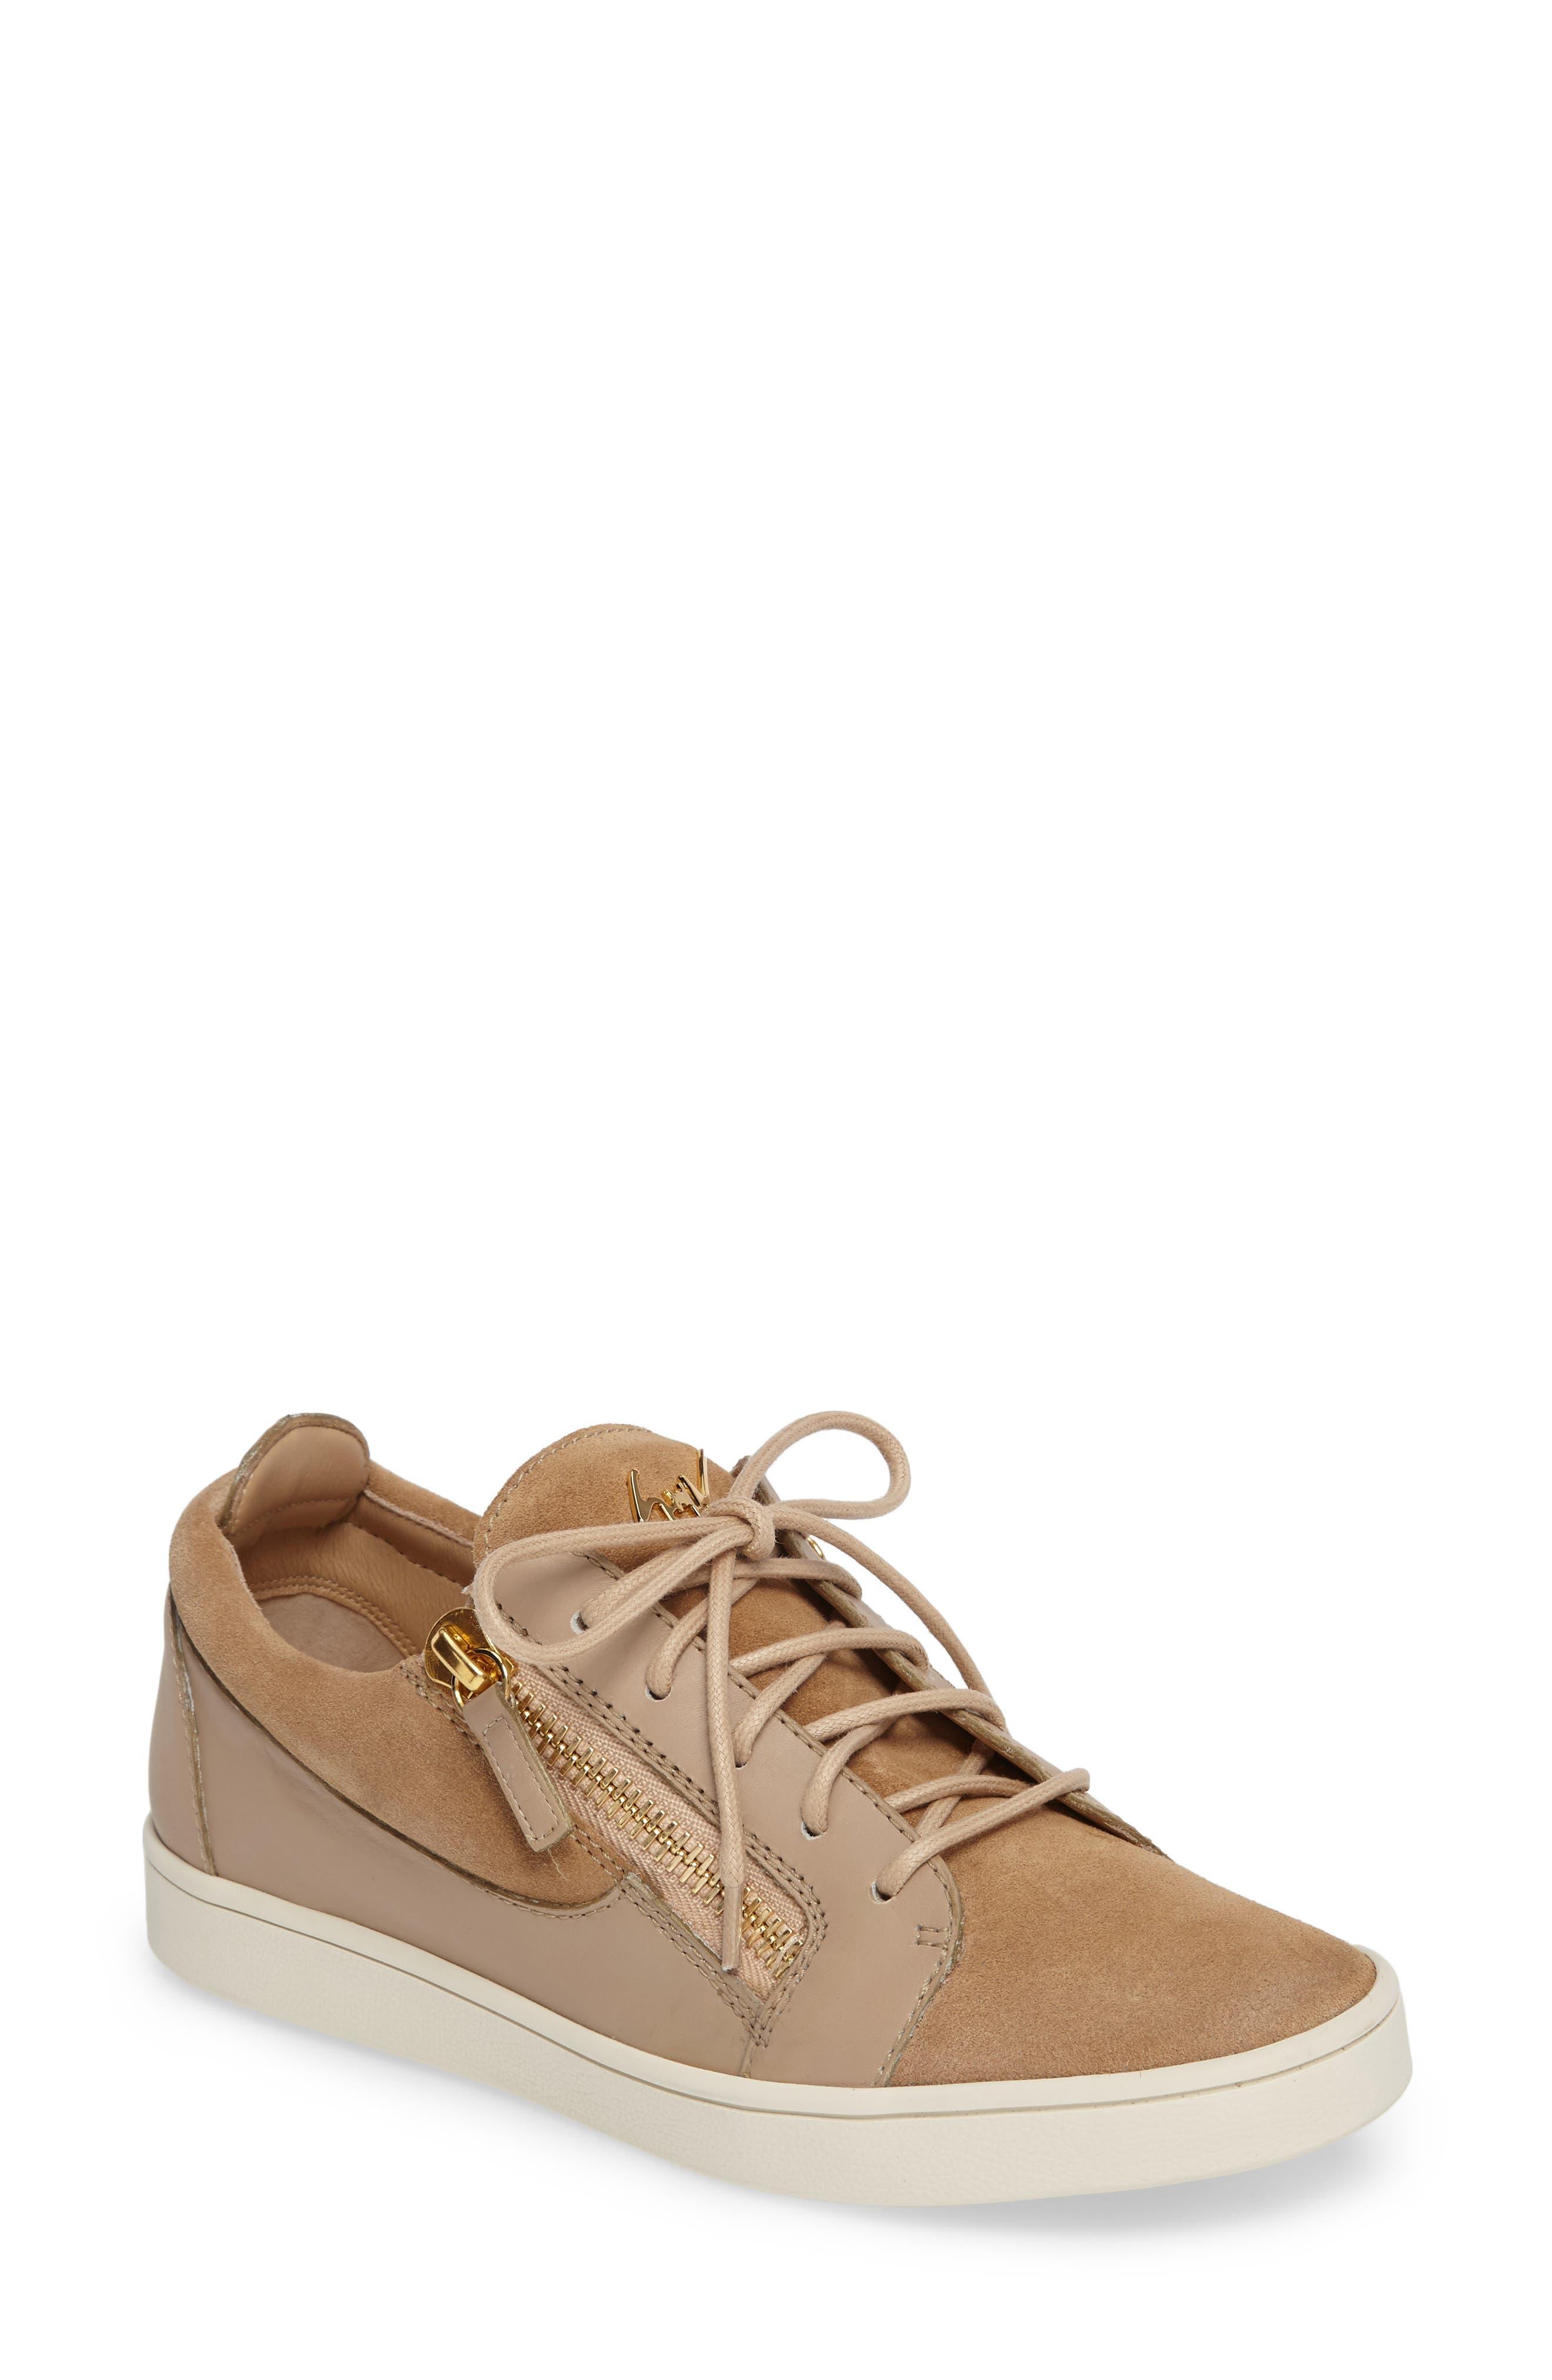 Low Top Zip Sneaker,                             Main thumbnail 1, color,                             250